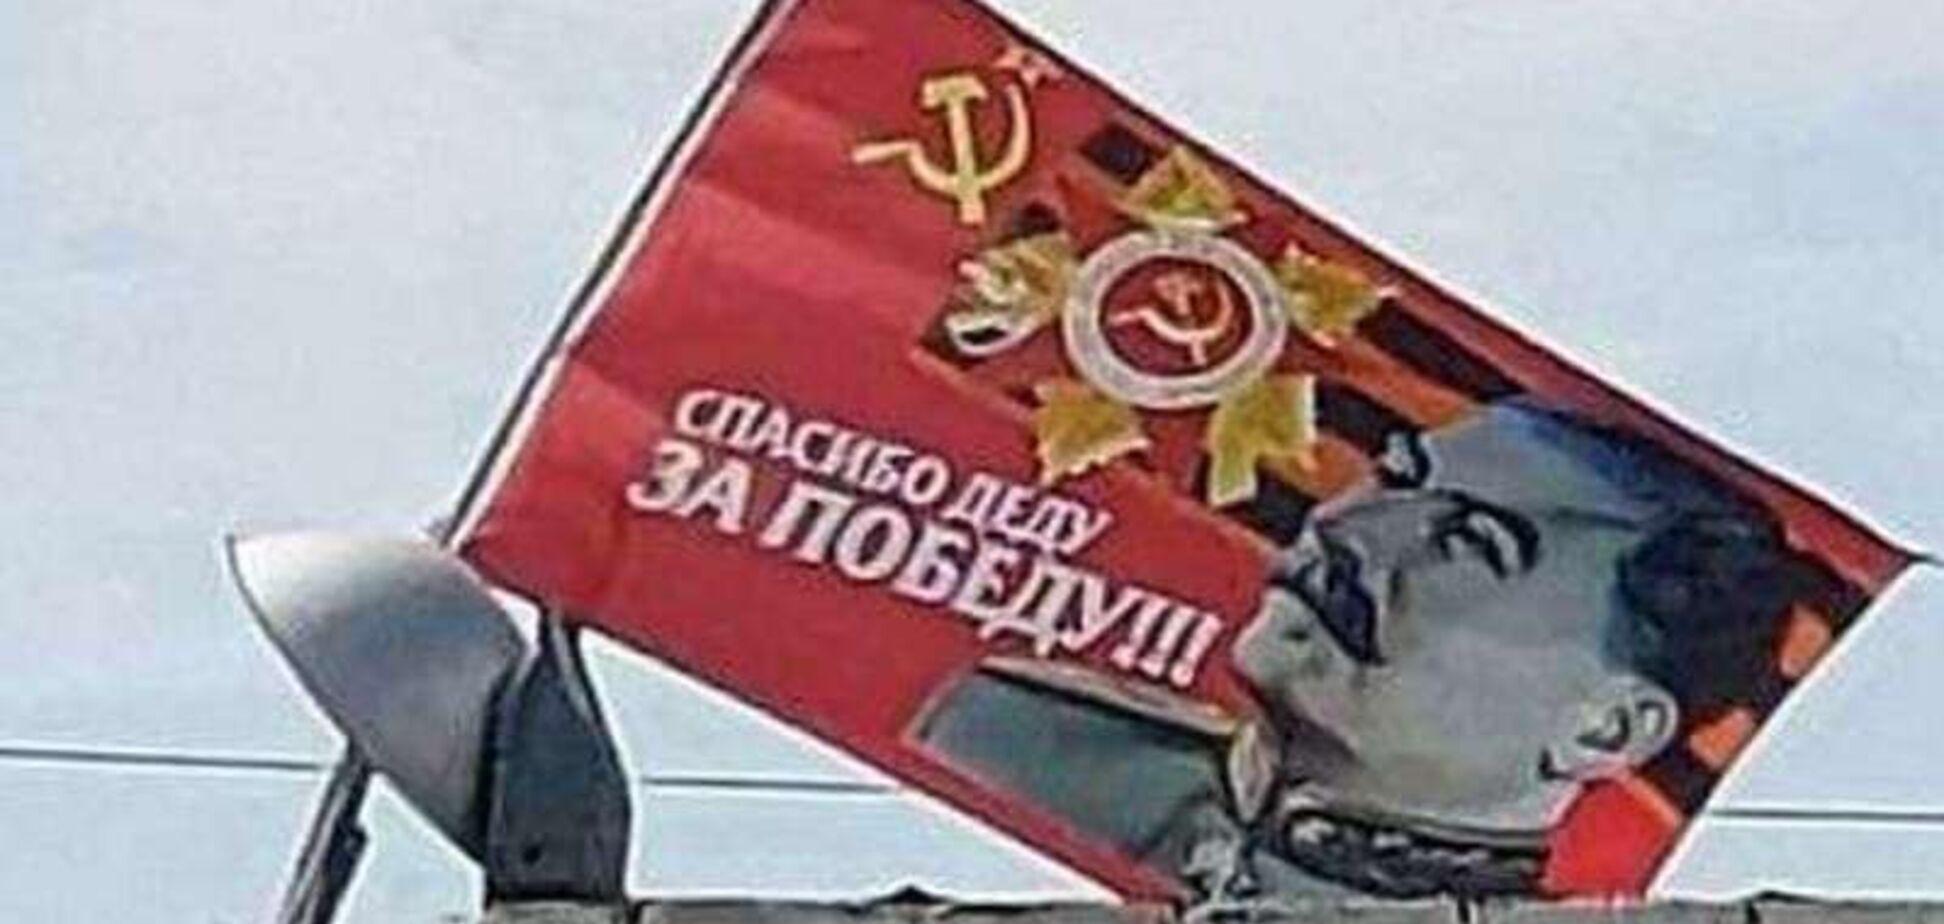 У Дніпрі невідомі вивісили величезний прапор зі Сталіним